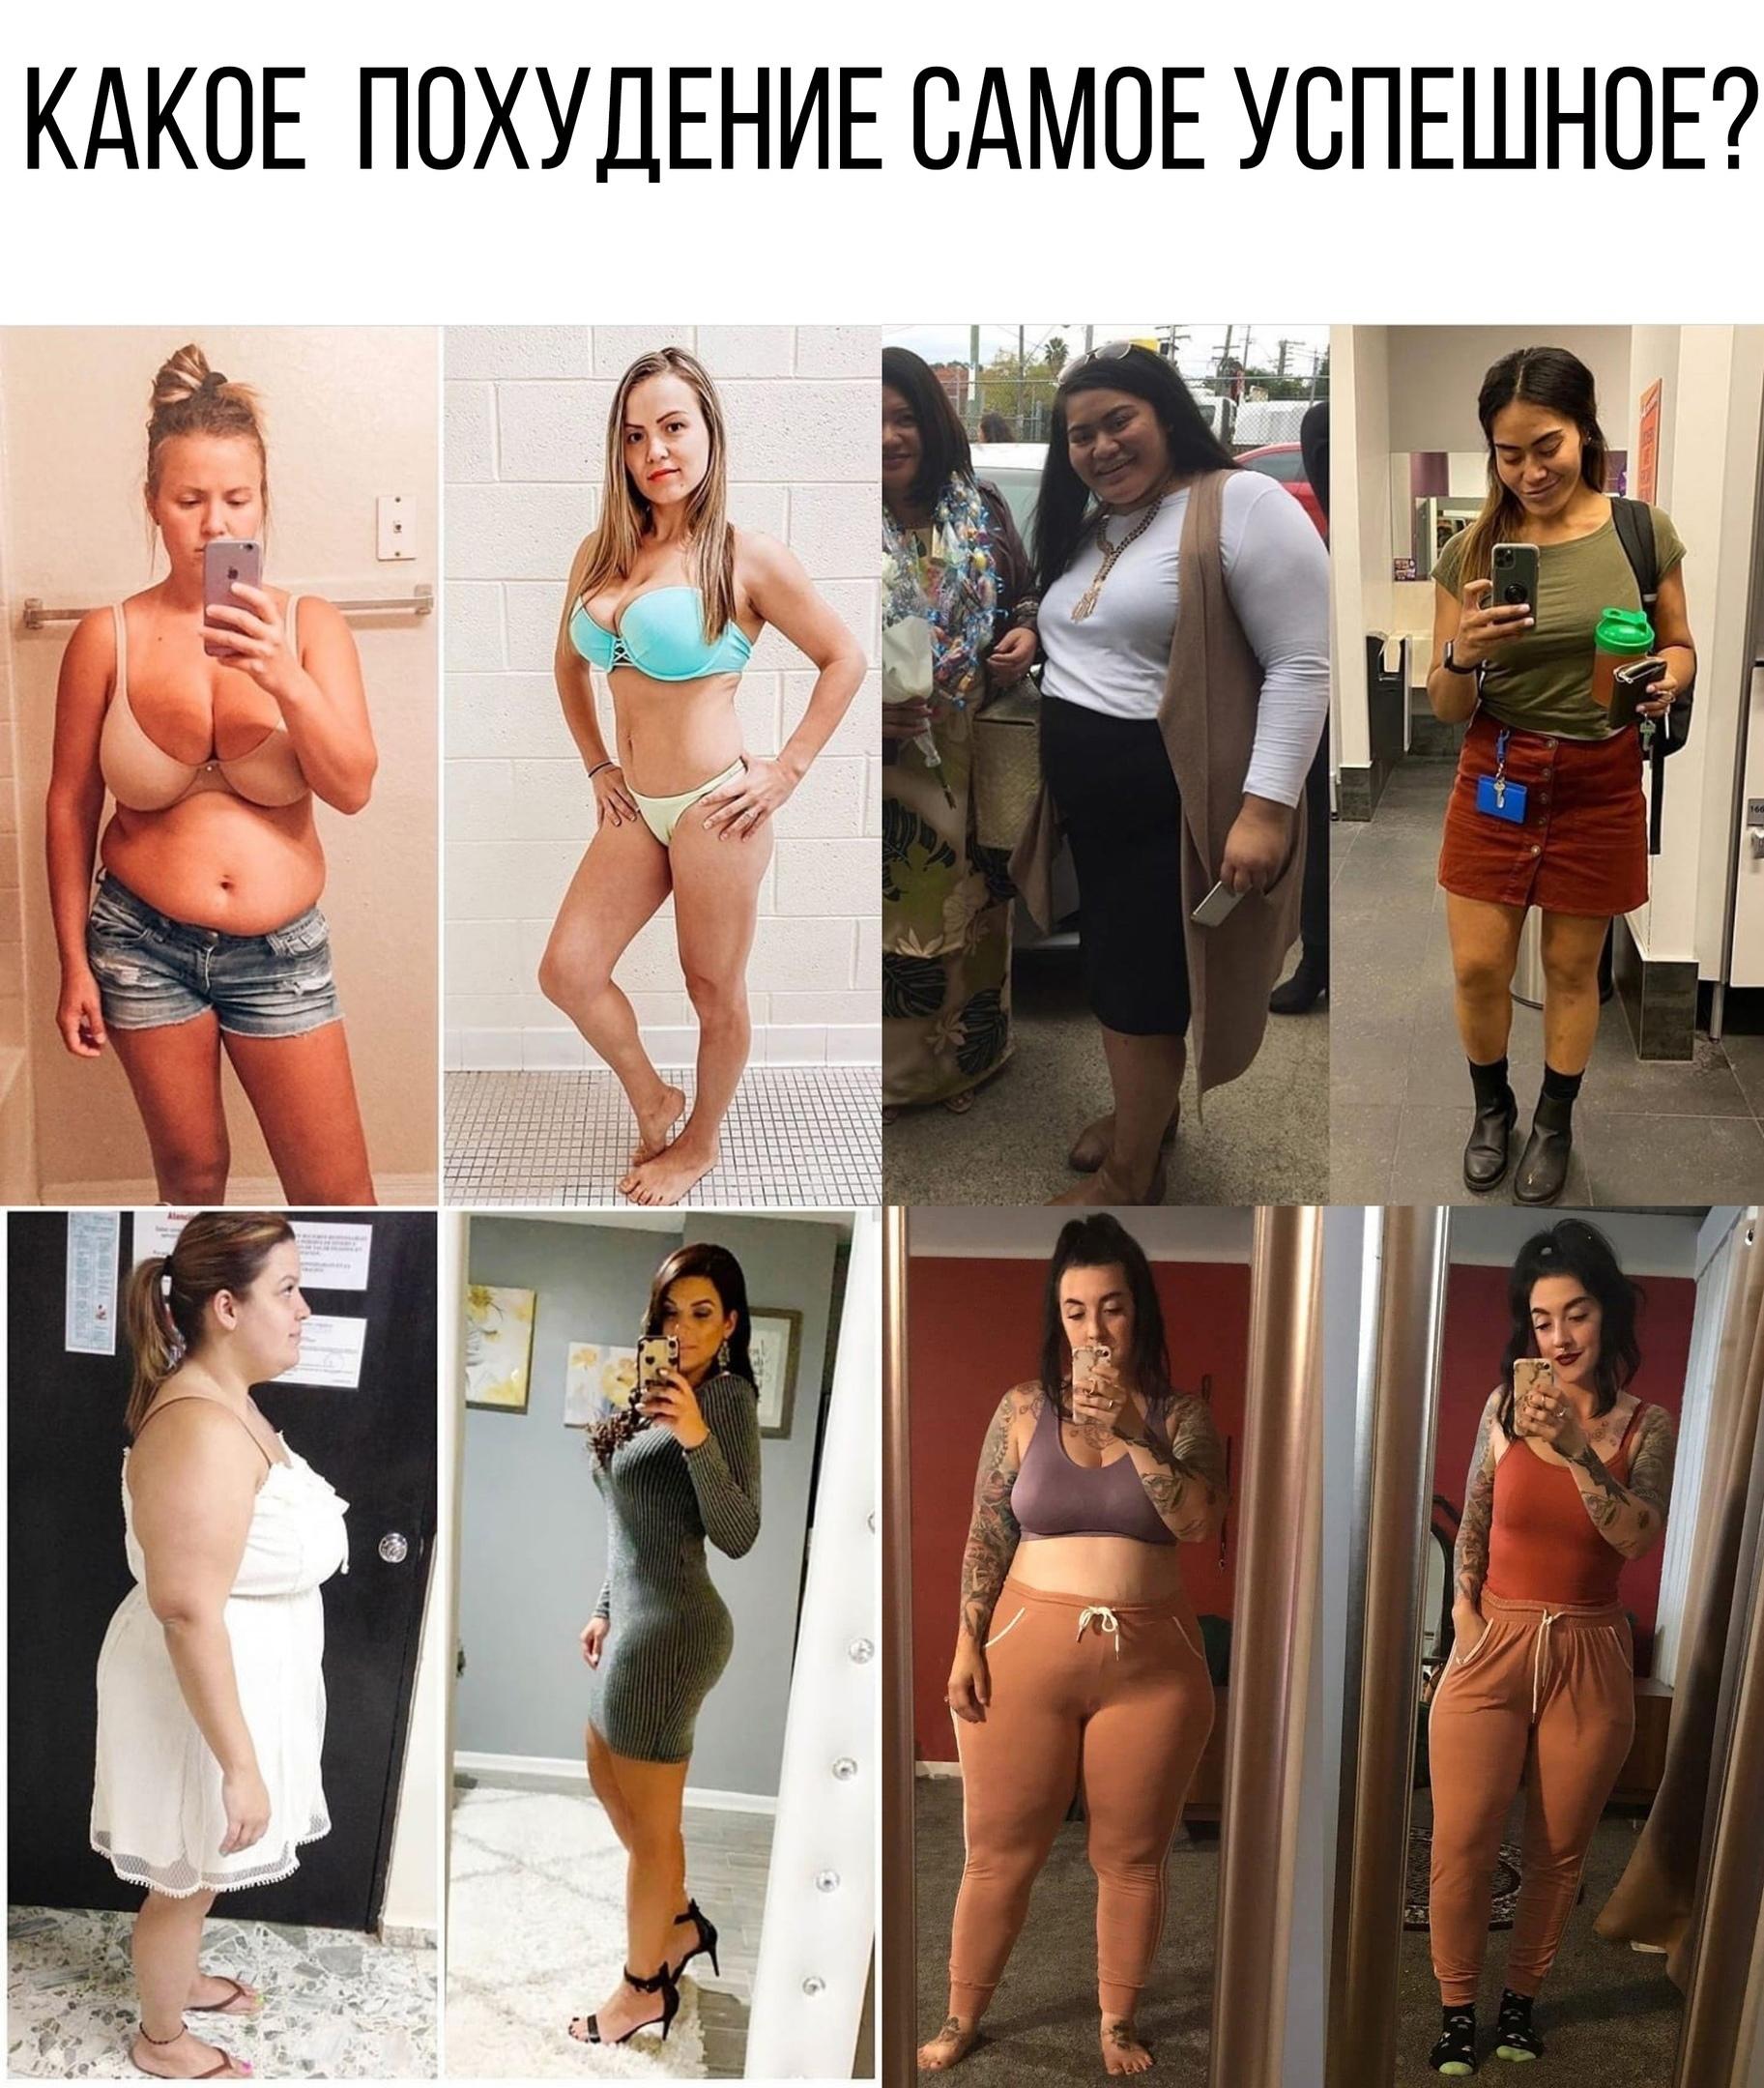 Все девочки круто похудели!